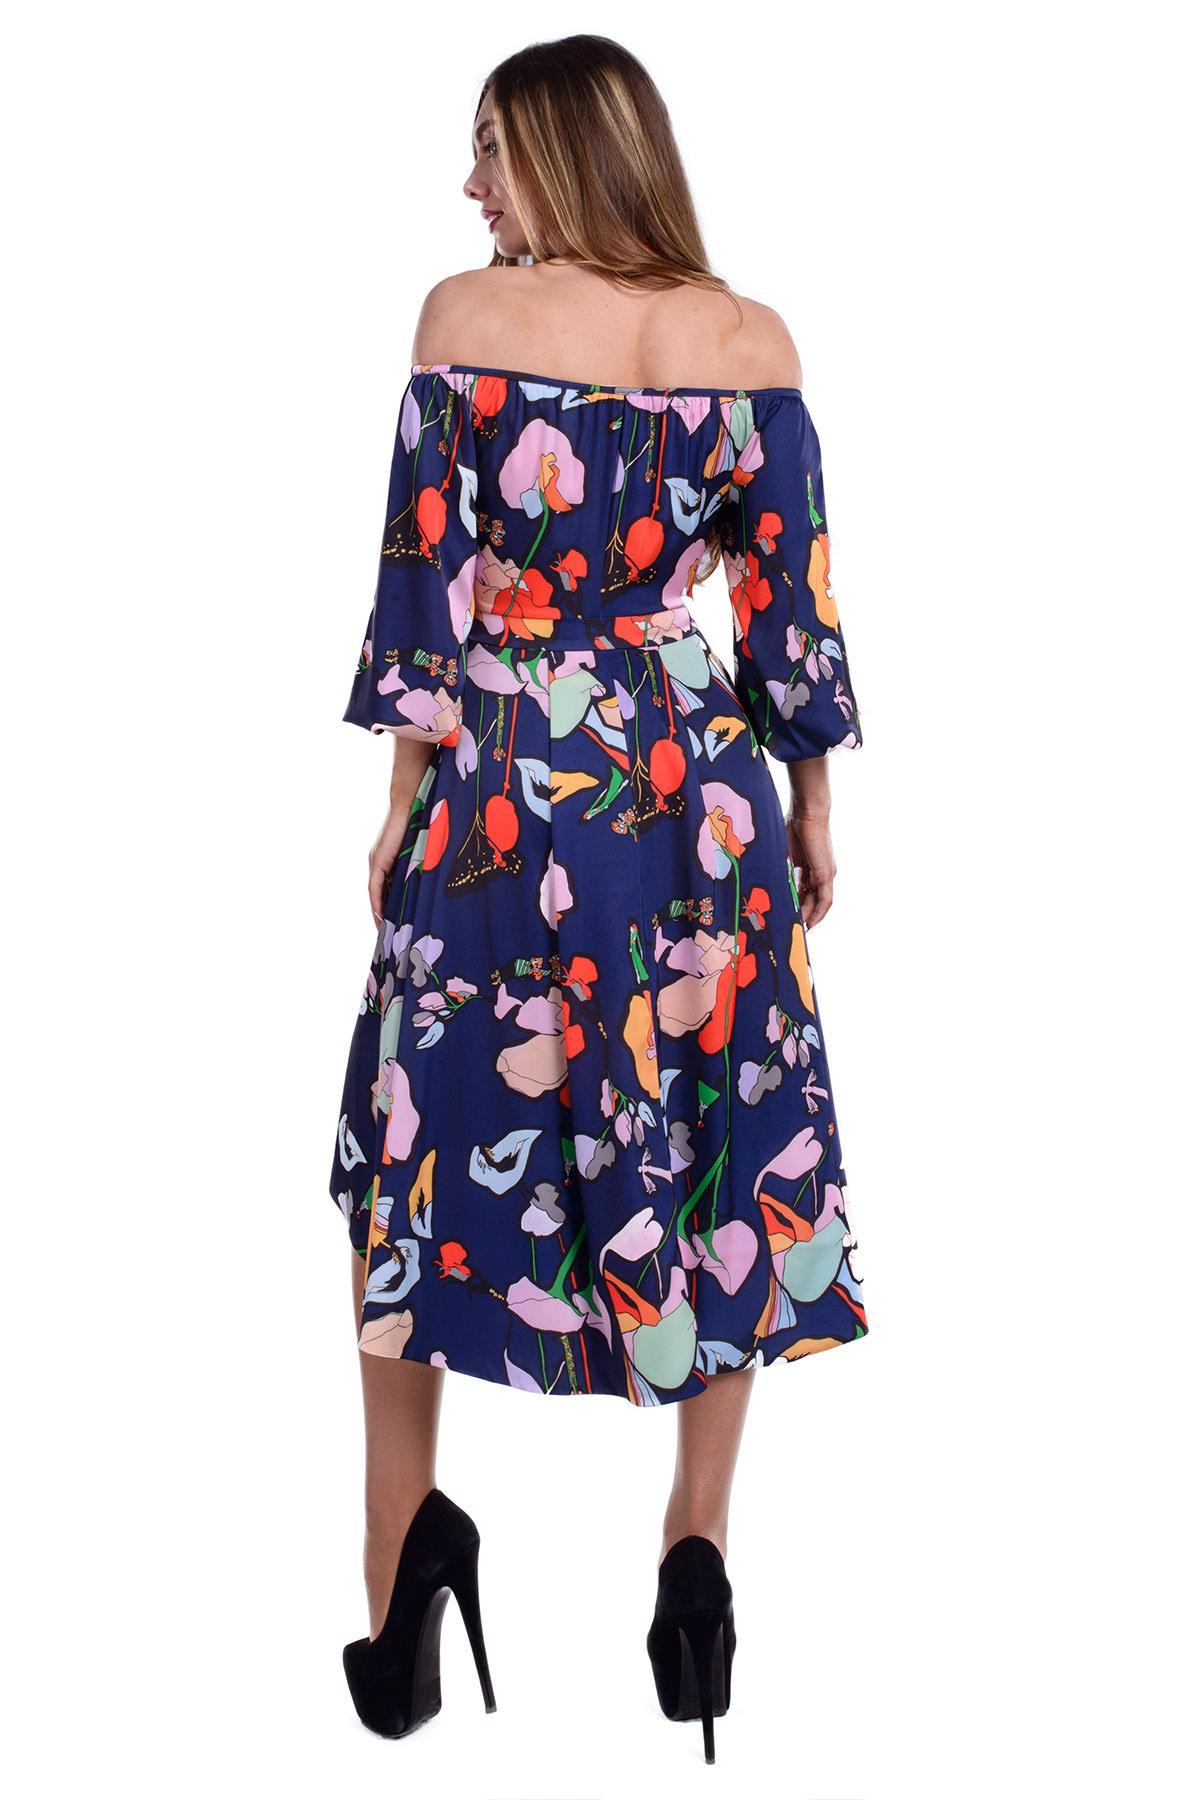 Платье Мэрлин 19 Цвет: Тёмно-синий цветы